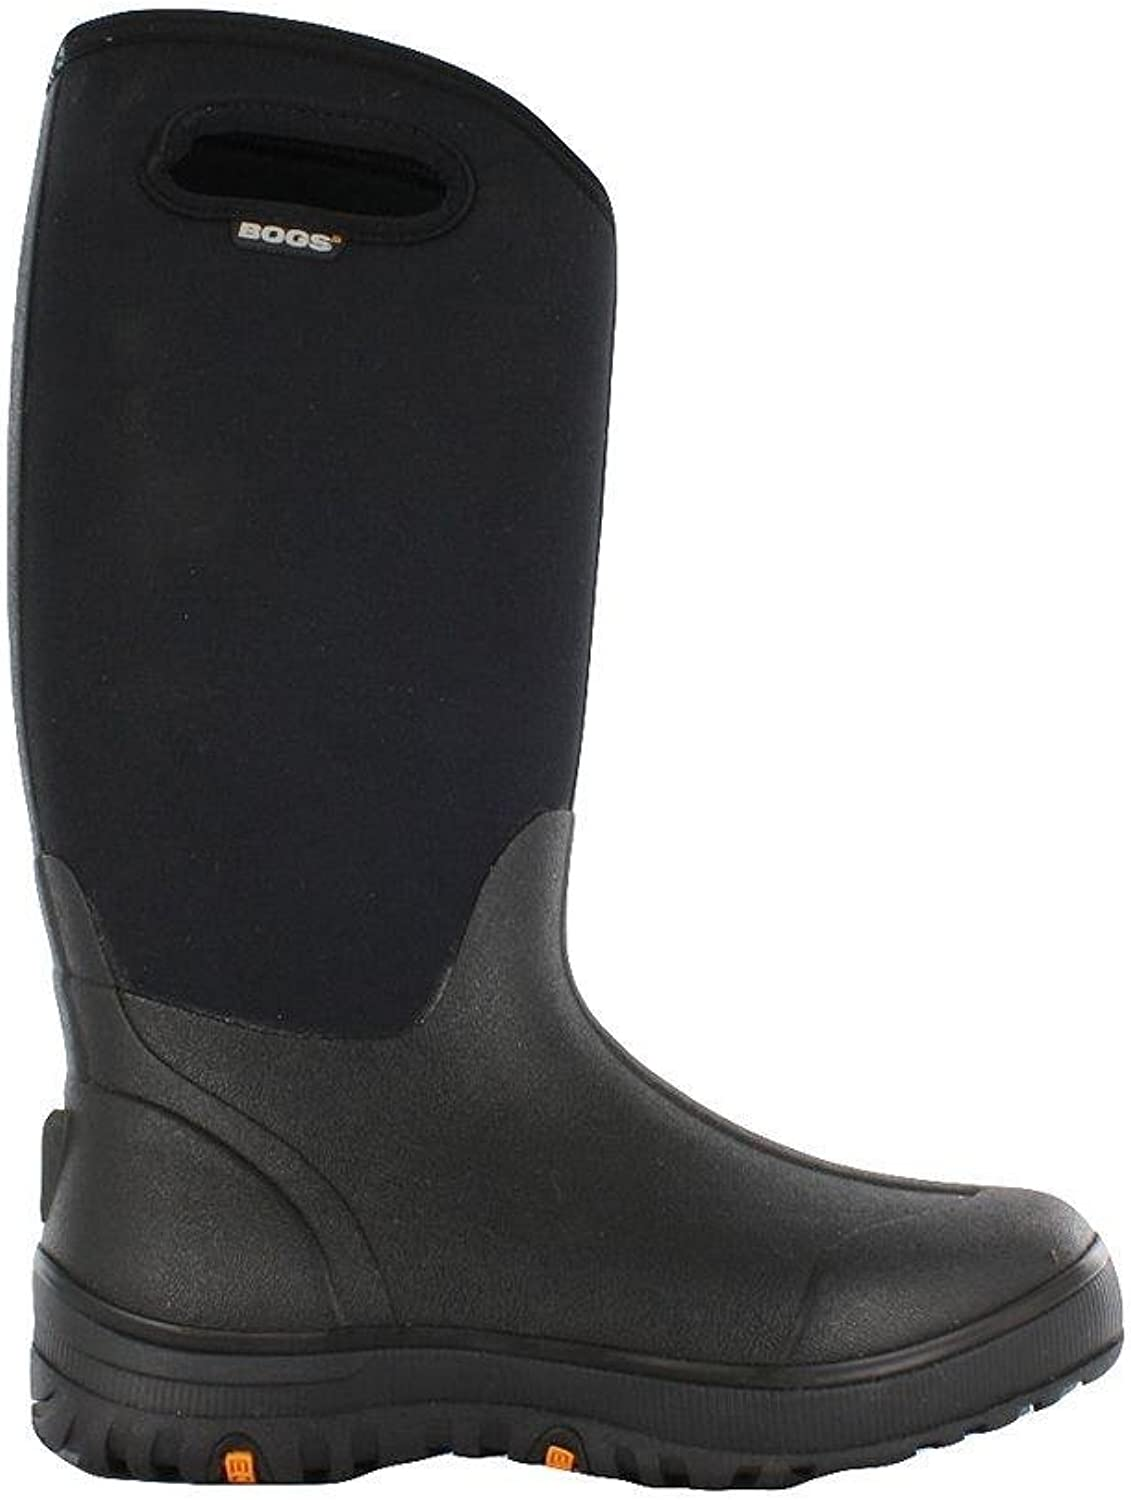 Bogs Ultra High Boot - Women& 39;s Black, 9.0